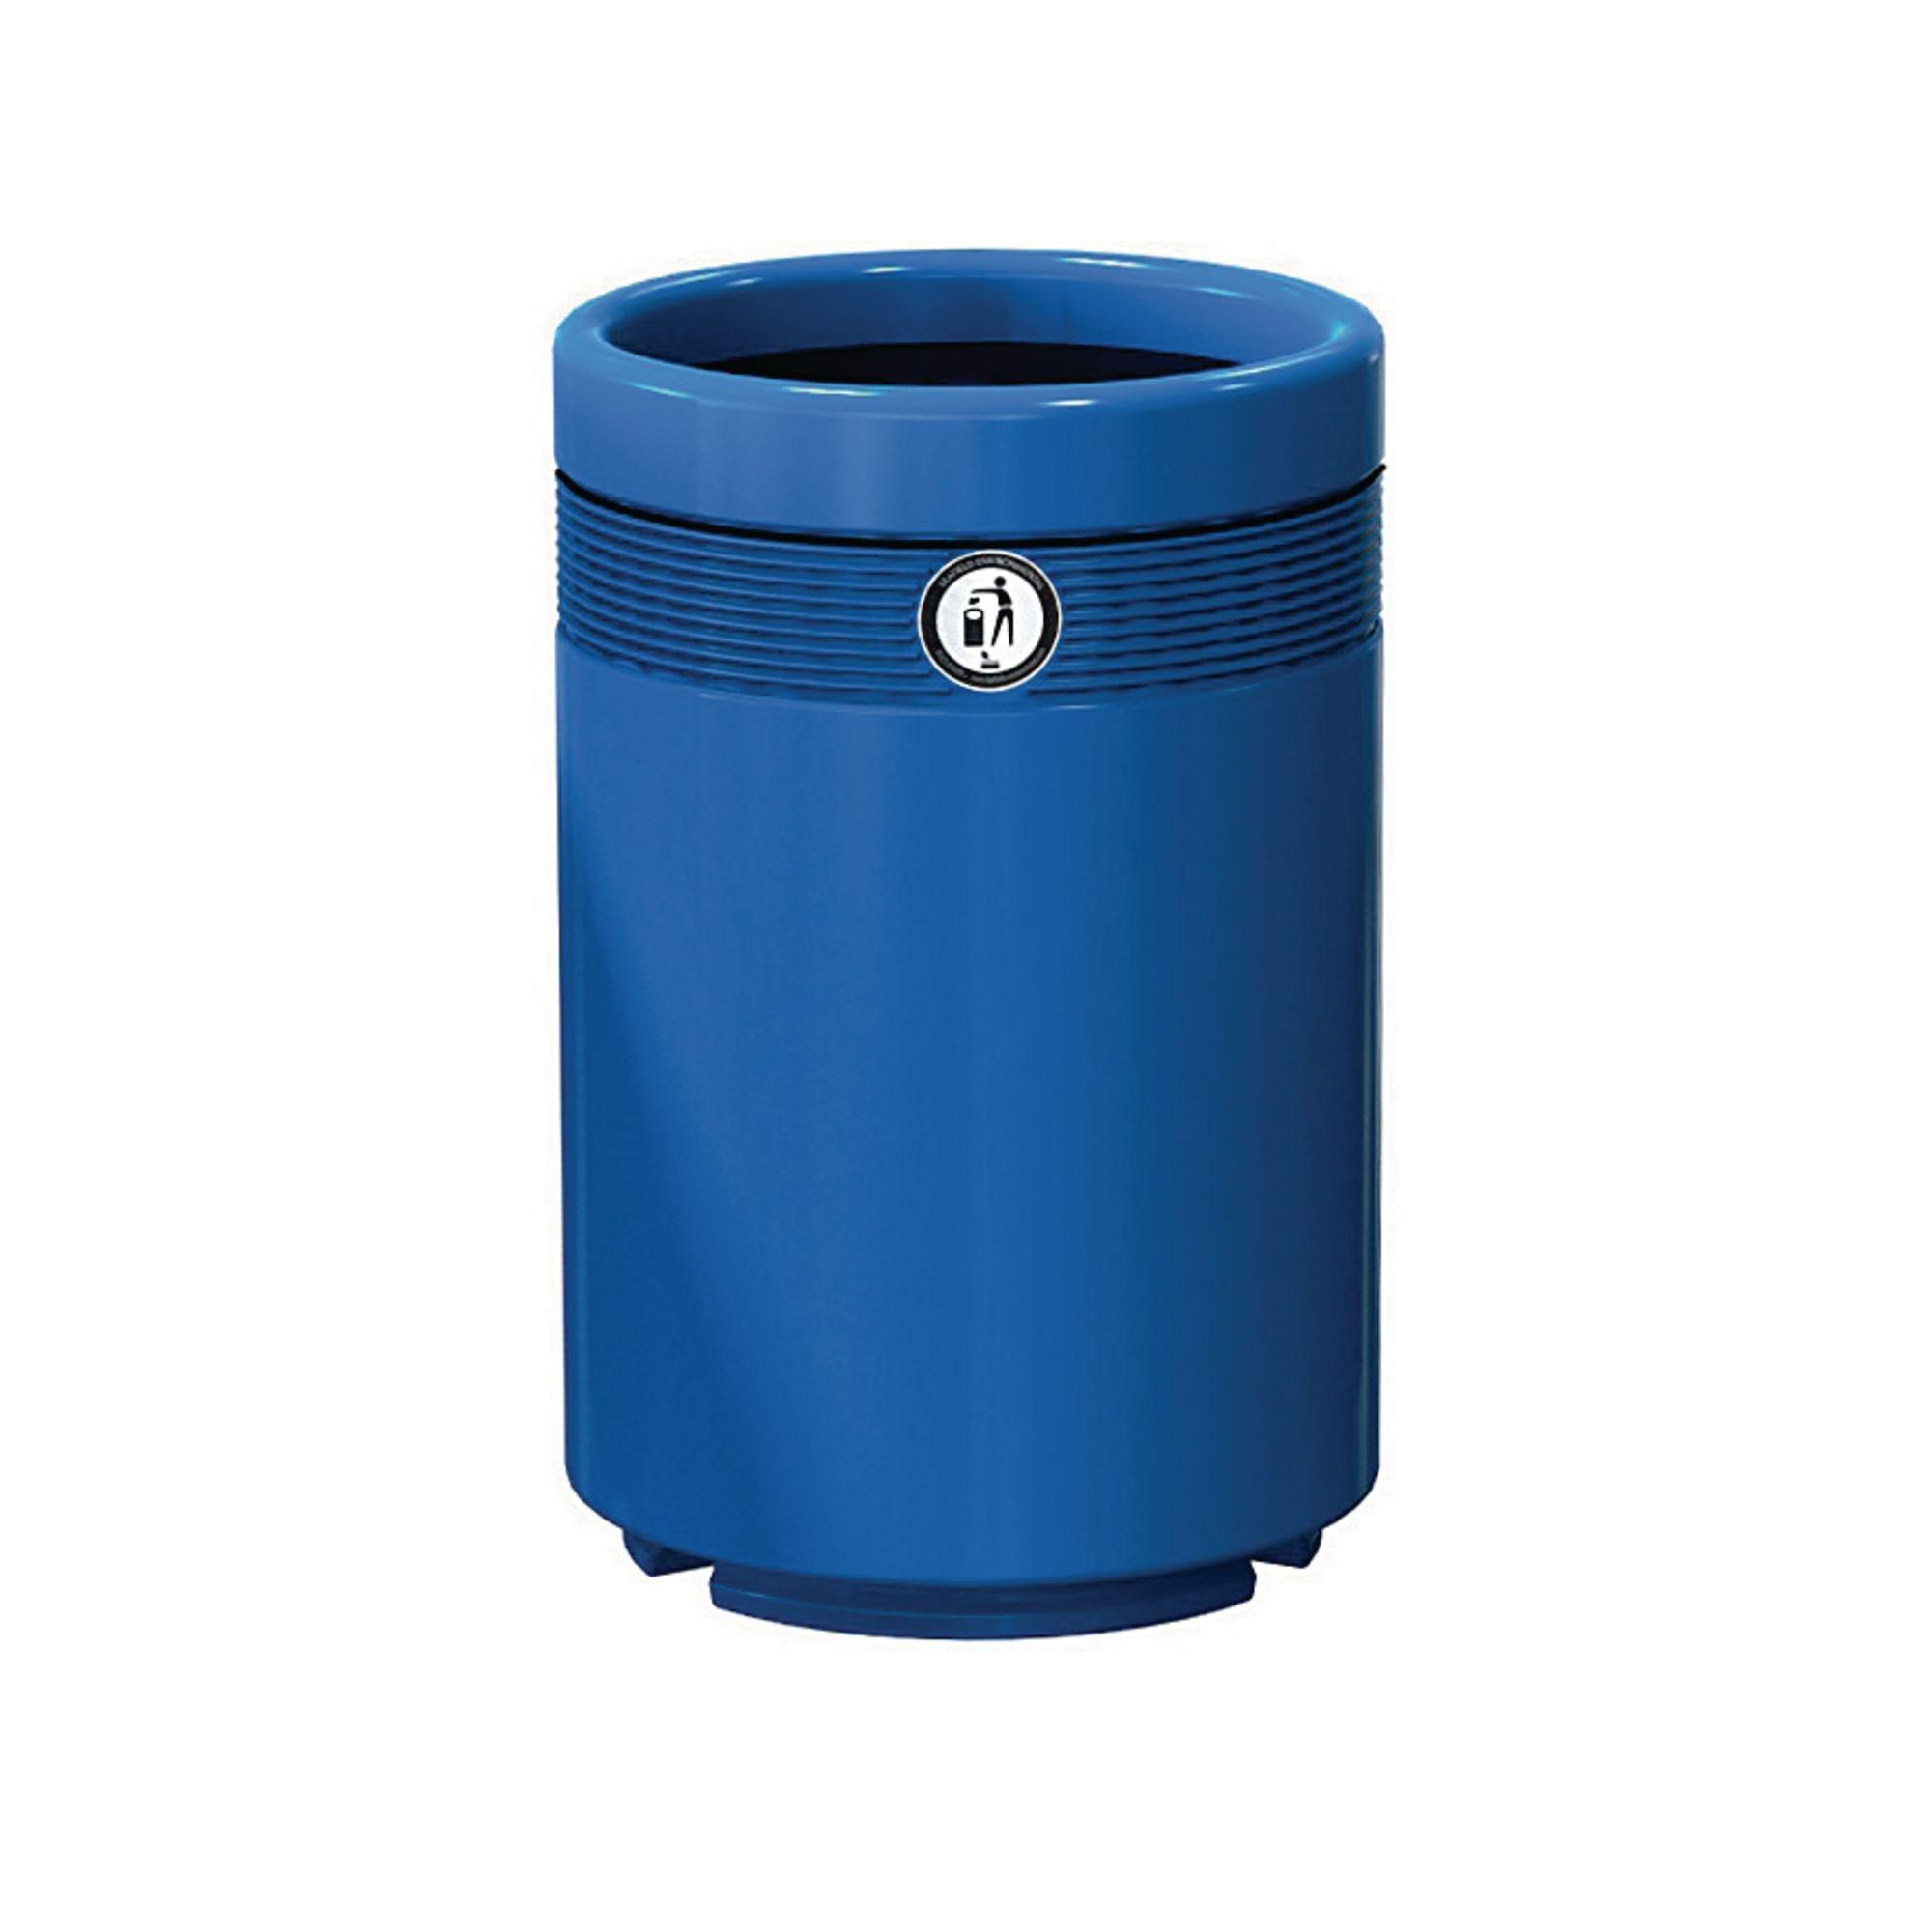 Monarch Litter Bin Economy Blue